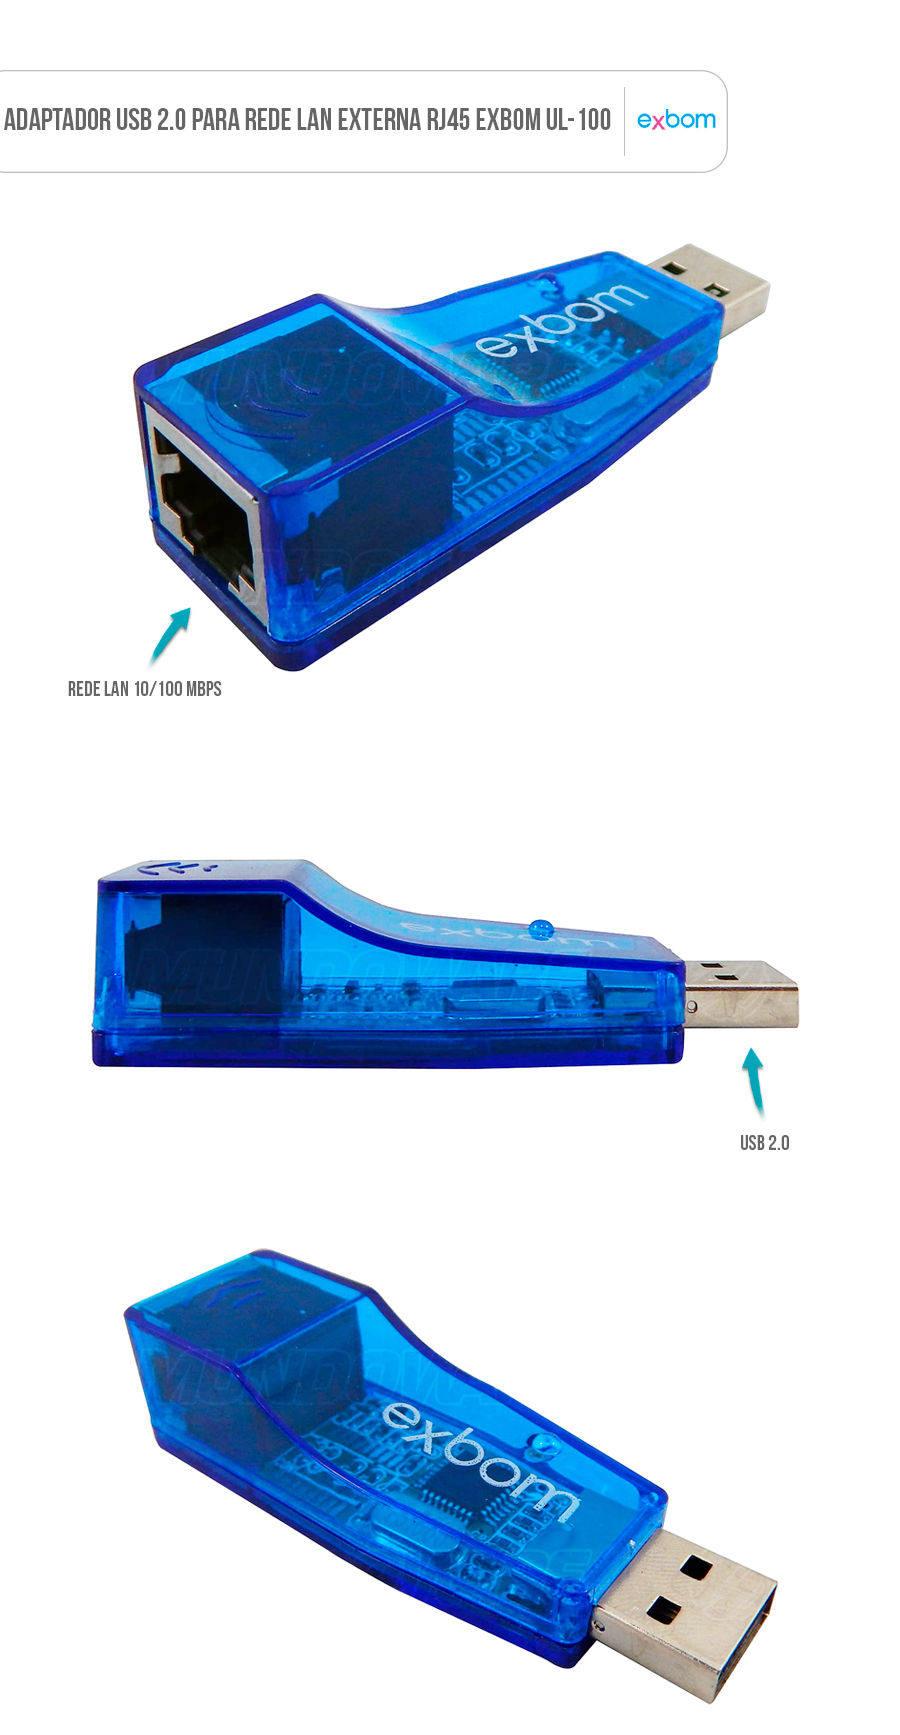 Adaptador USB 2.0 para Rede Externa LAN RJ45 Exbom UL-100